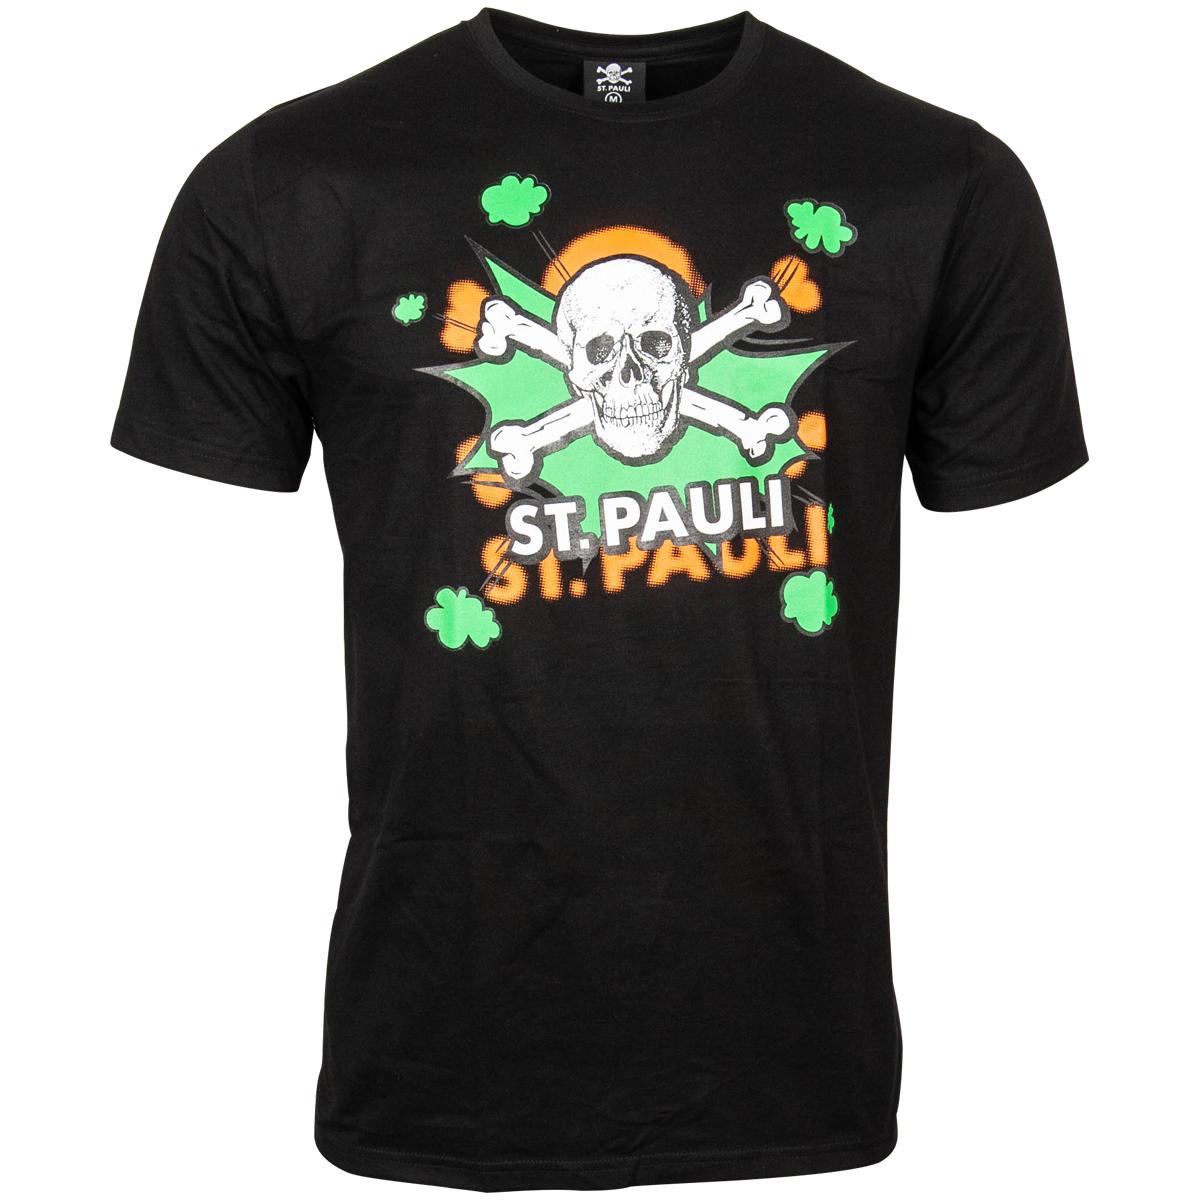 FC St. Pauli - T-Shirt Totenkopf Pow Schwarz-Grün - Schwarz